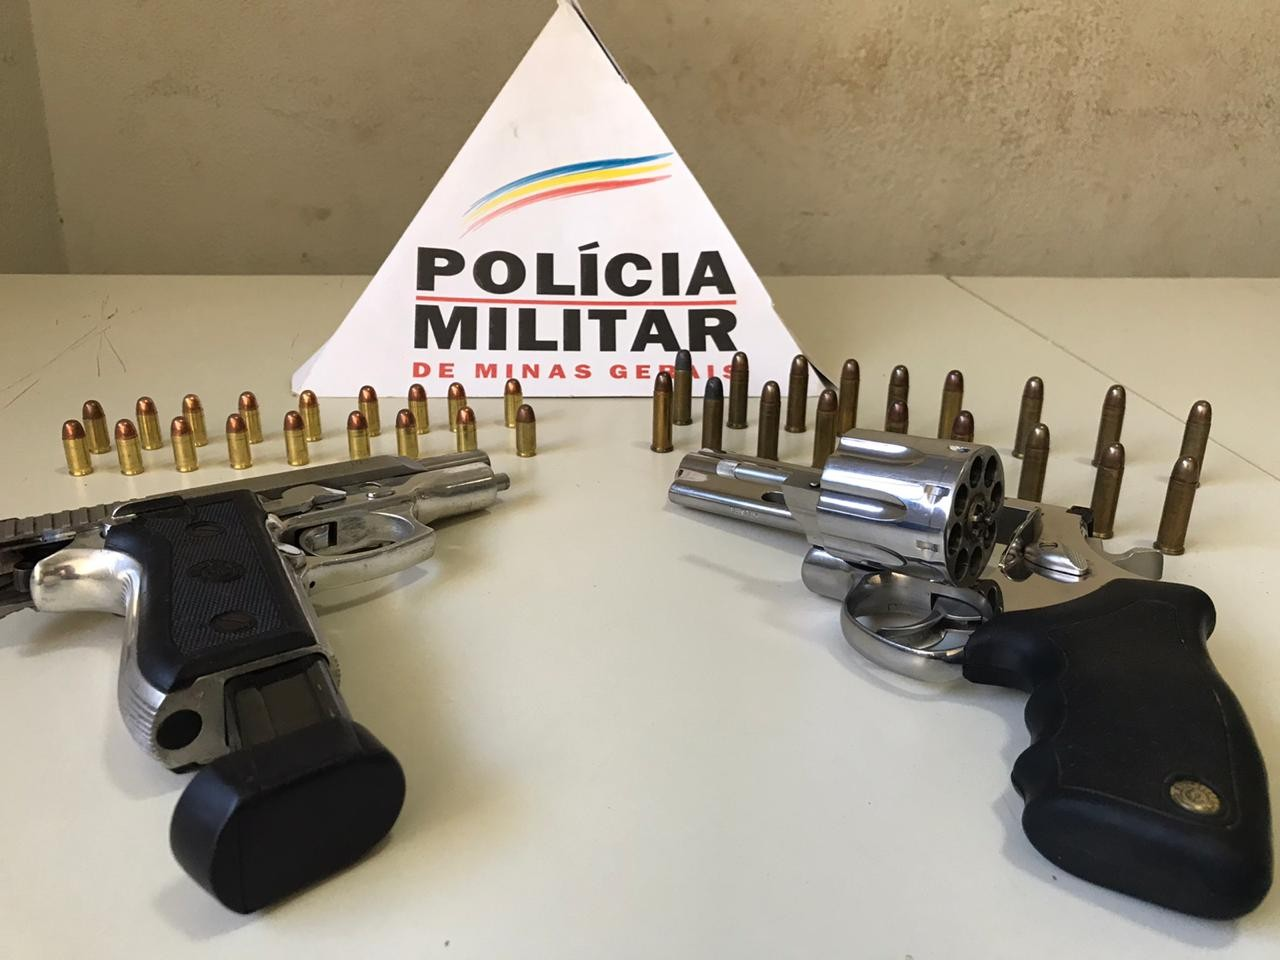 Armas e munição são apreendidas durante operação conjunta da polícia em Uberaba